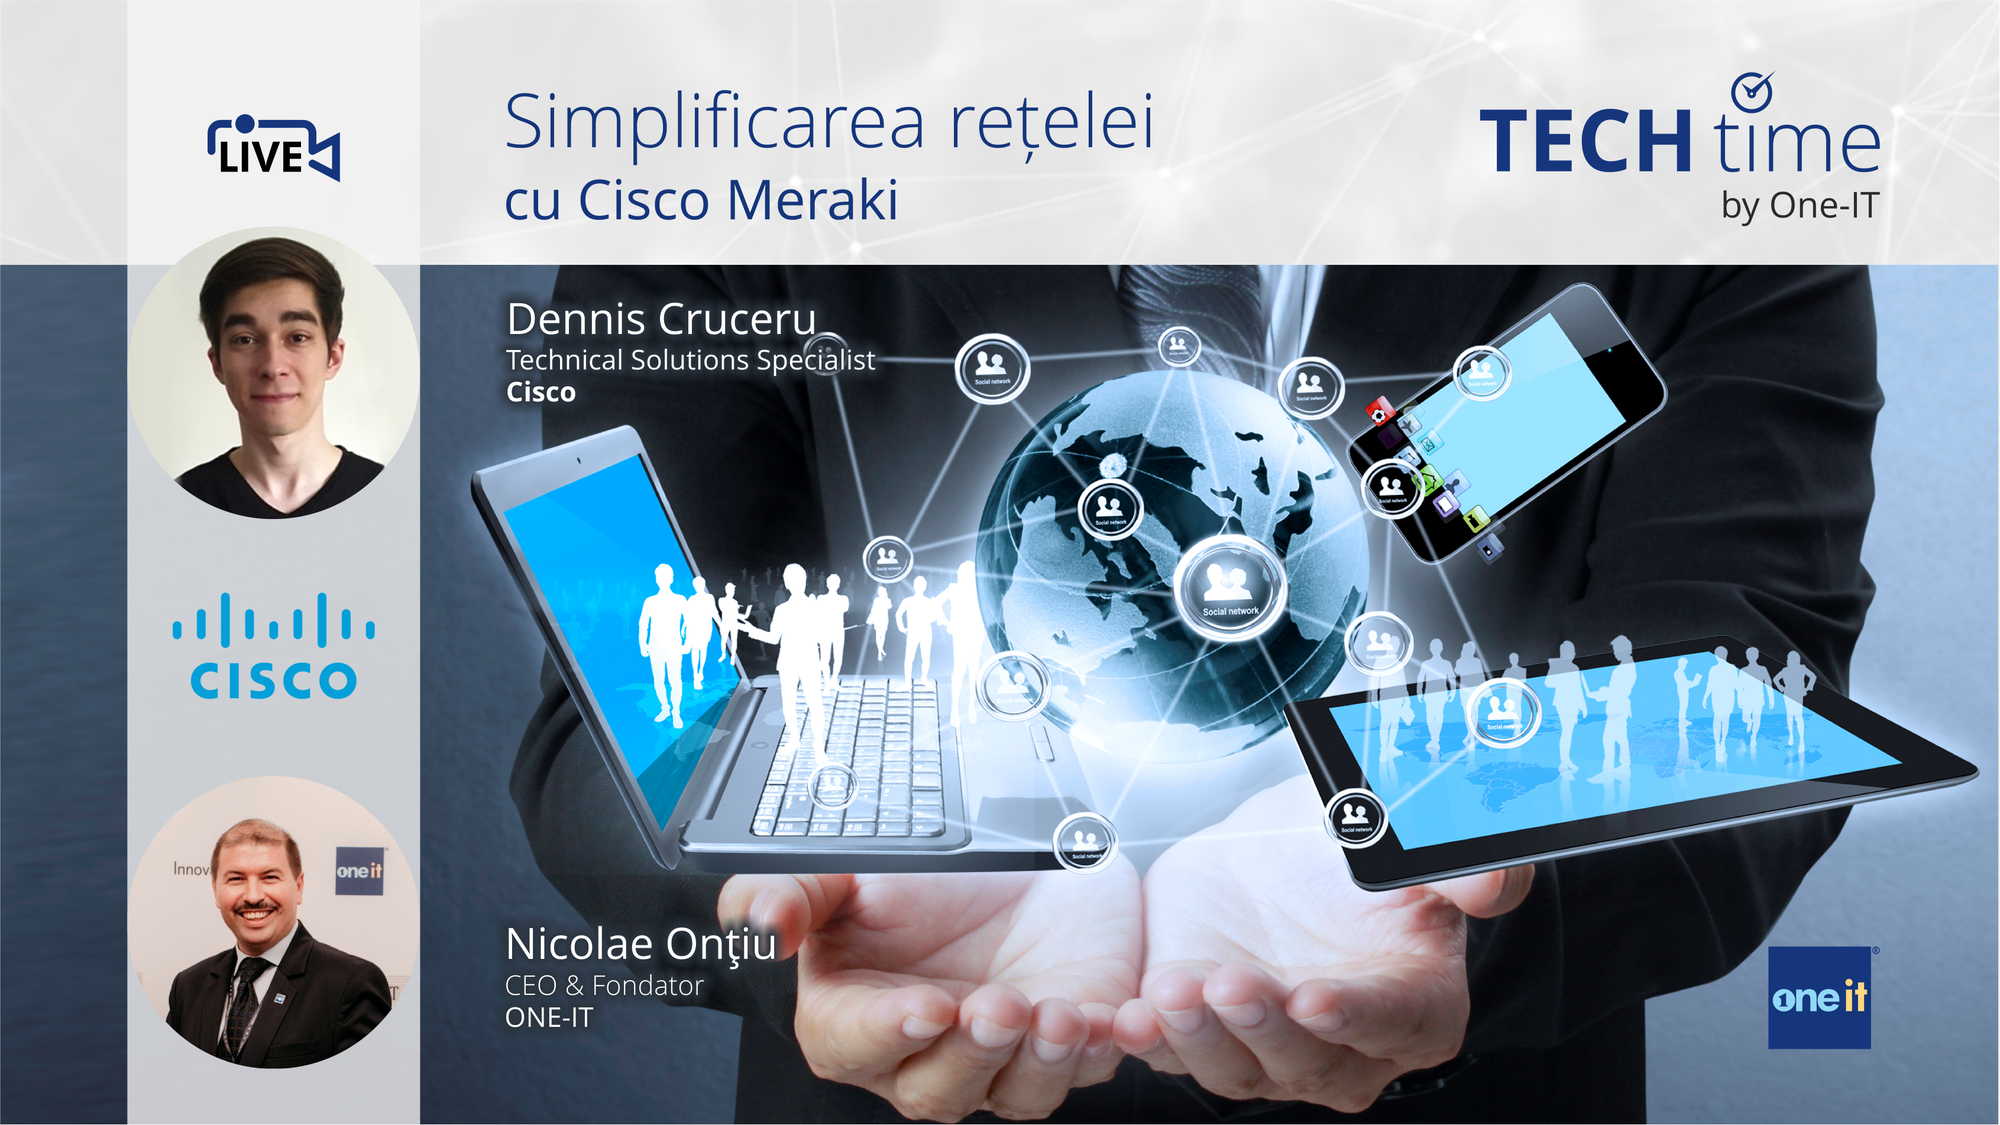 Simplificarea rețelei cu Cisco Meraki